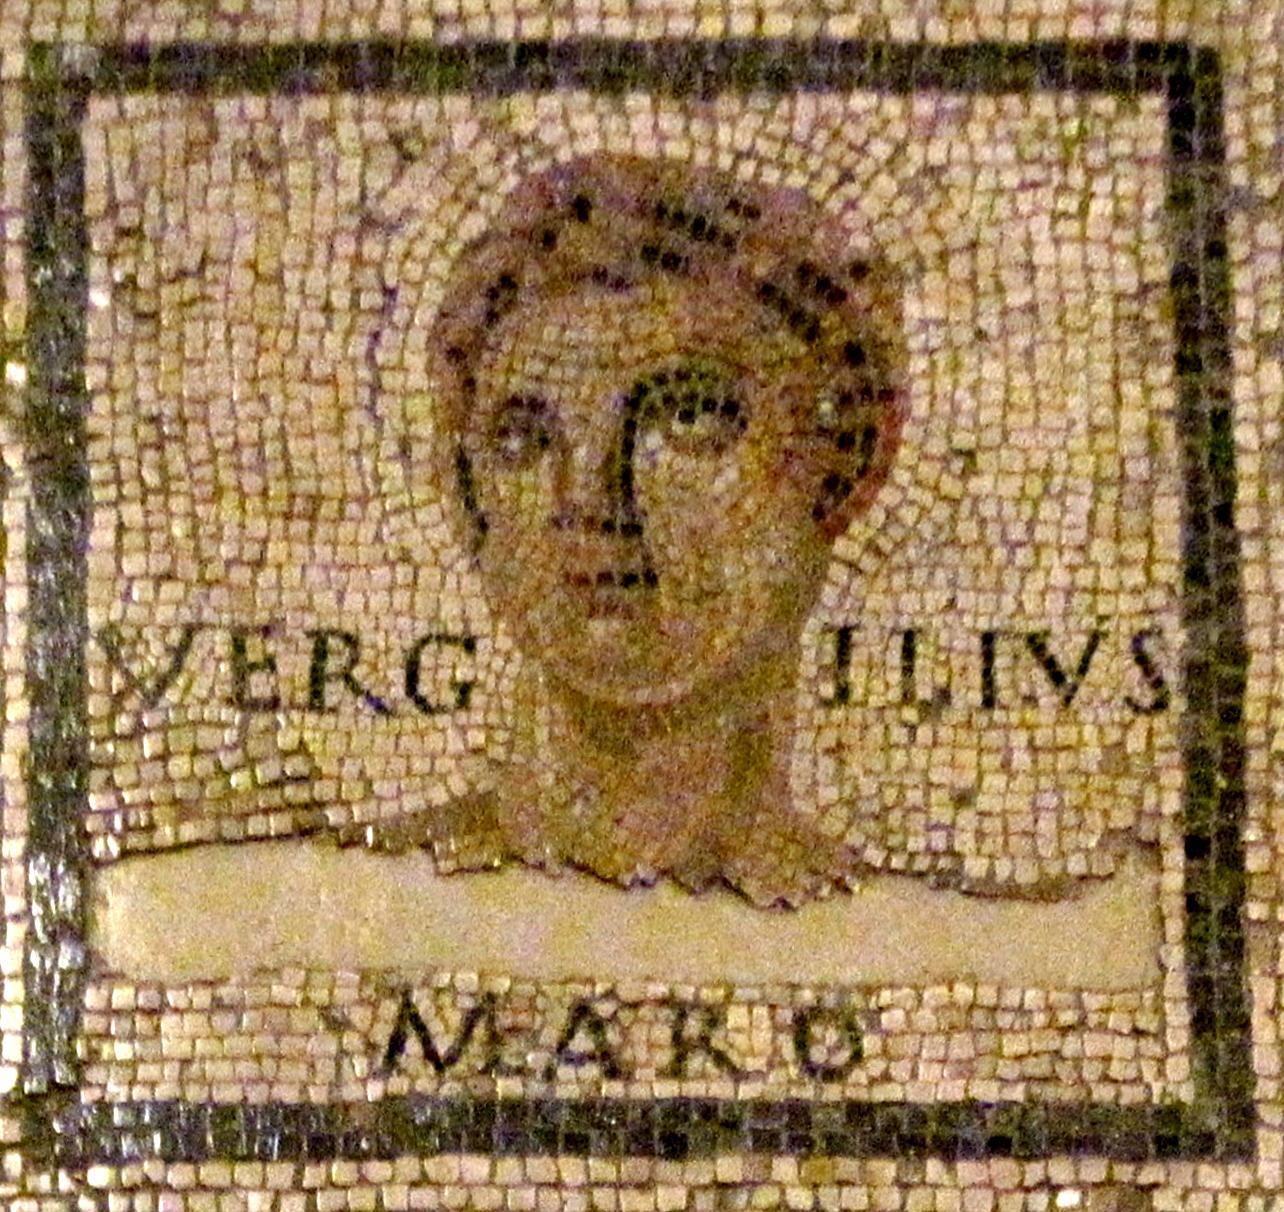 Vergilio_mosaico_de_Monno_Landesmuseum_Trier3000